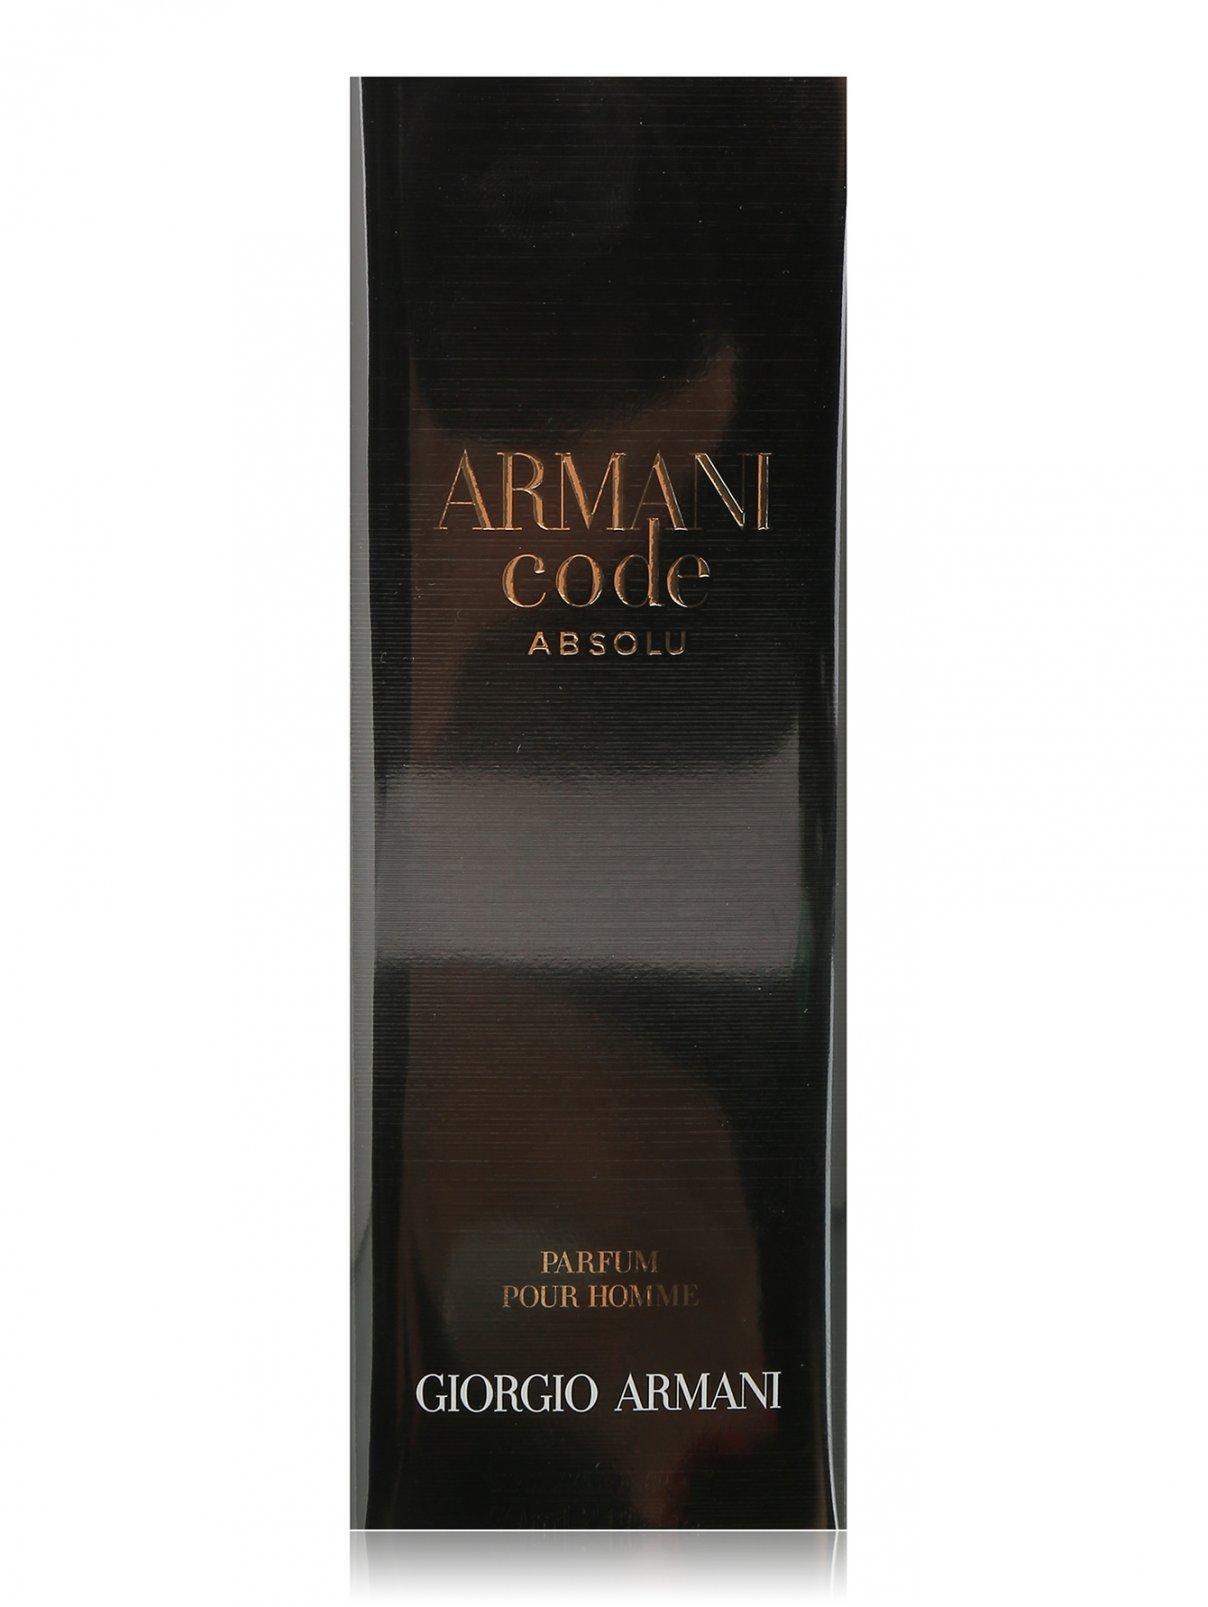 Парфюмерная вода 60 мл Armani Code Absolu Giorgio Armani  –  Общий вид